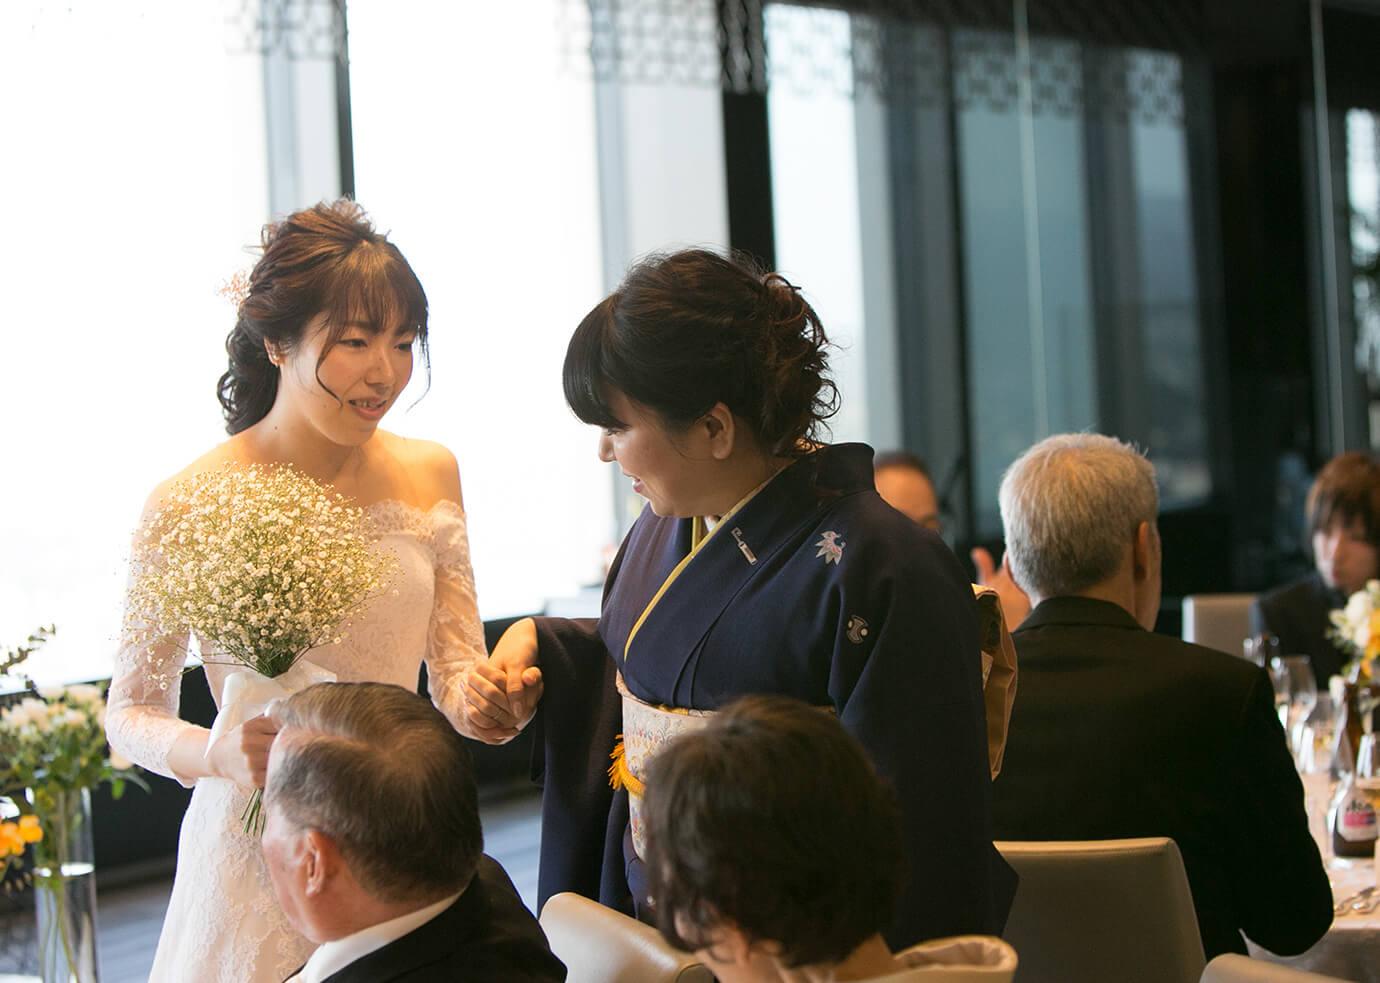 将樹さん・麻依子さん 家族のぬくもり 感謝を伝える時間